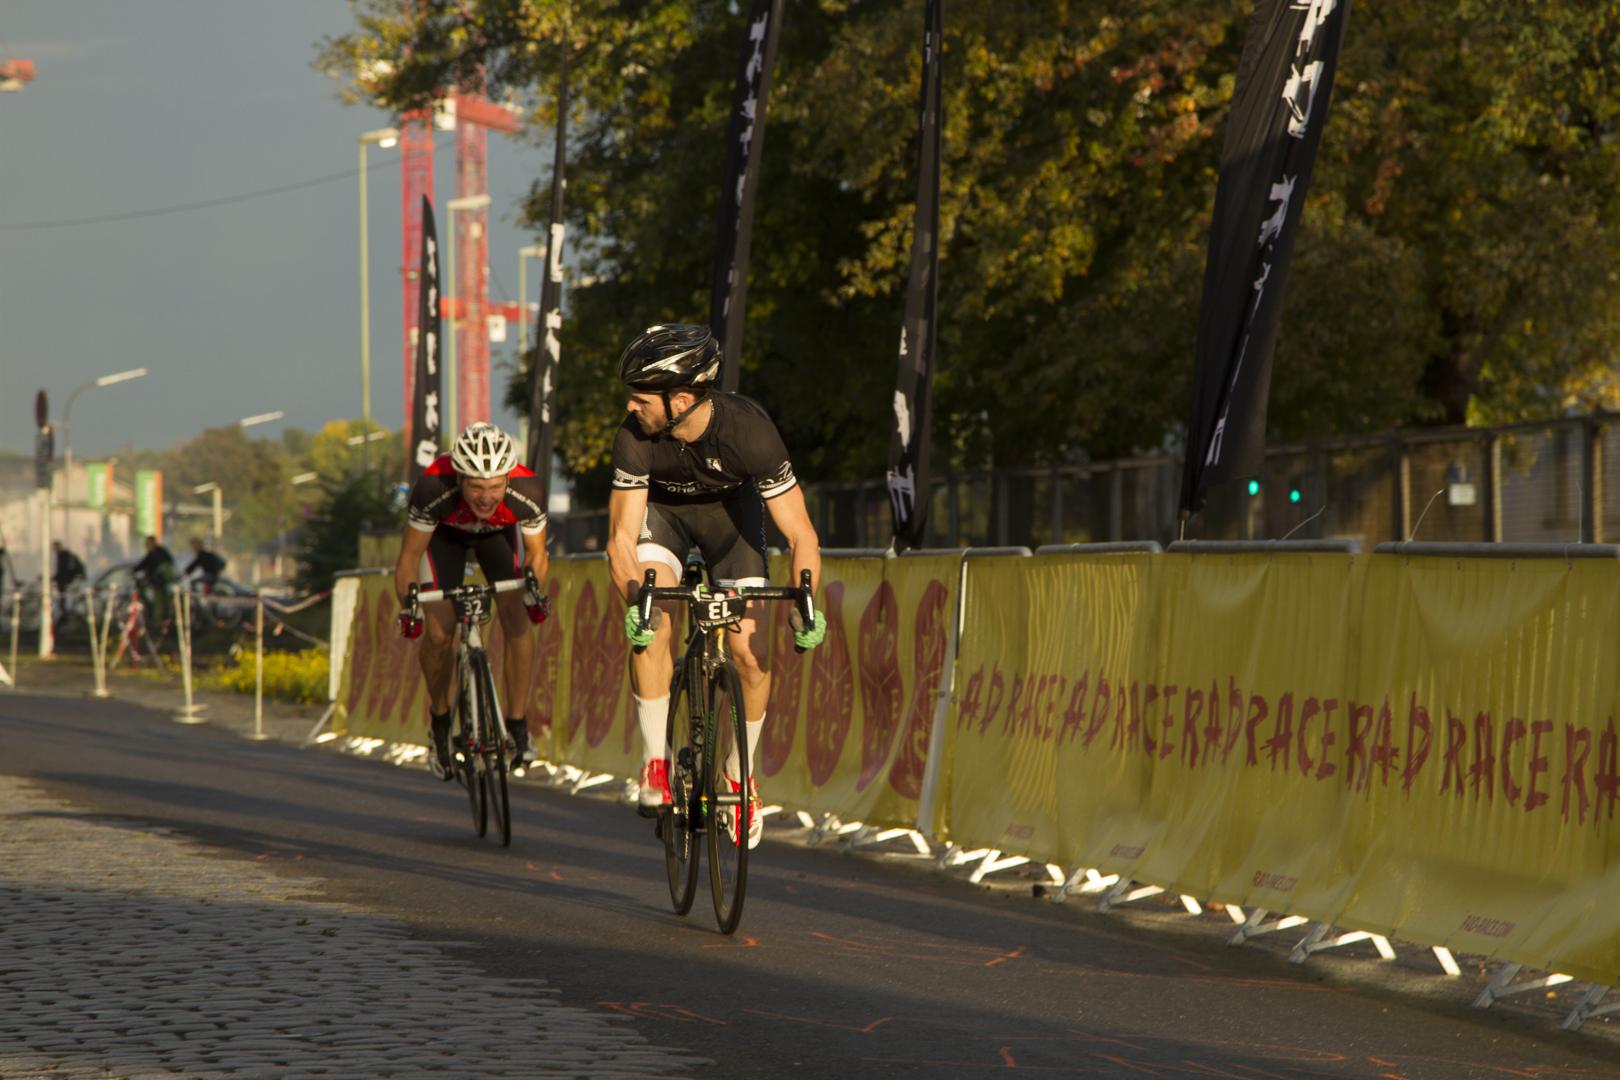 RAD RACE BATTLE OFFENBACH_Pic by Frank Schubert_5.jpg